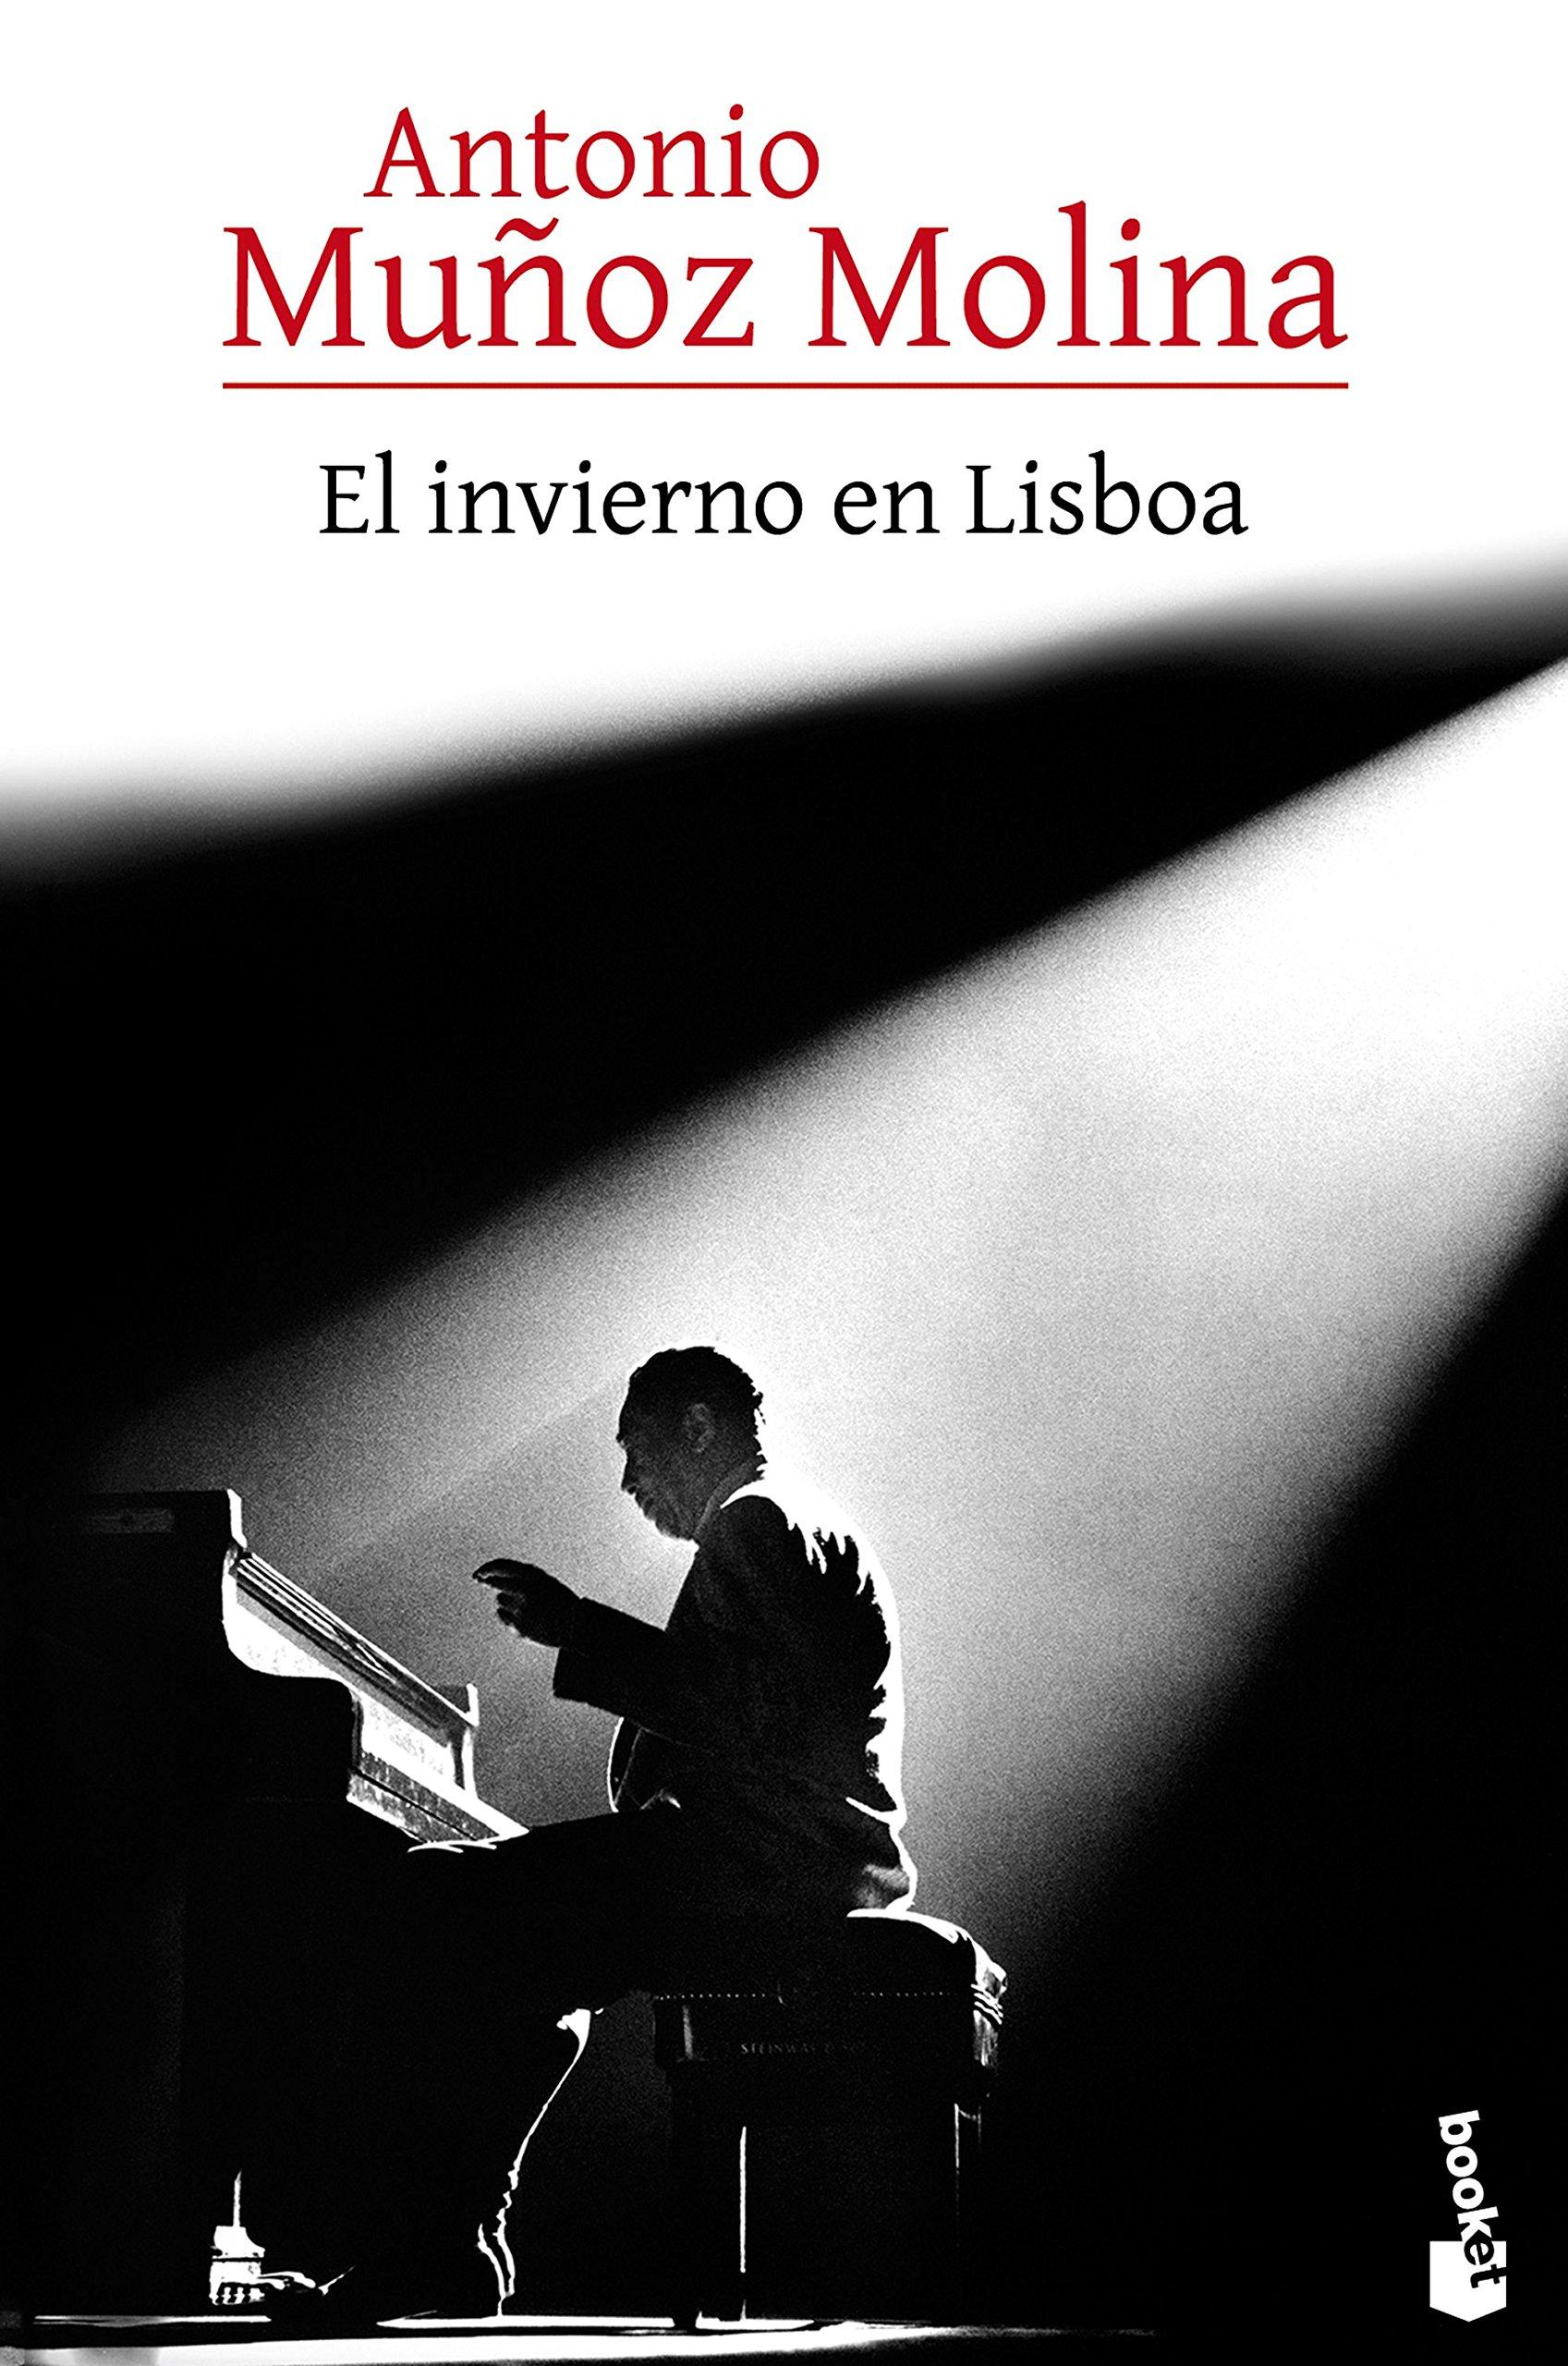 El invierno en Lisboa Biblioteca Antonio Muñoz Molina: Amazon.es: Muñoz Molina, Antonio: Libros